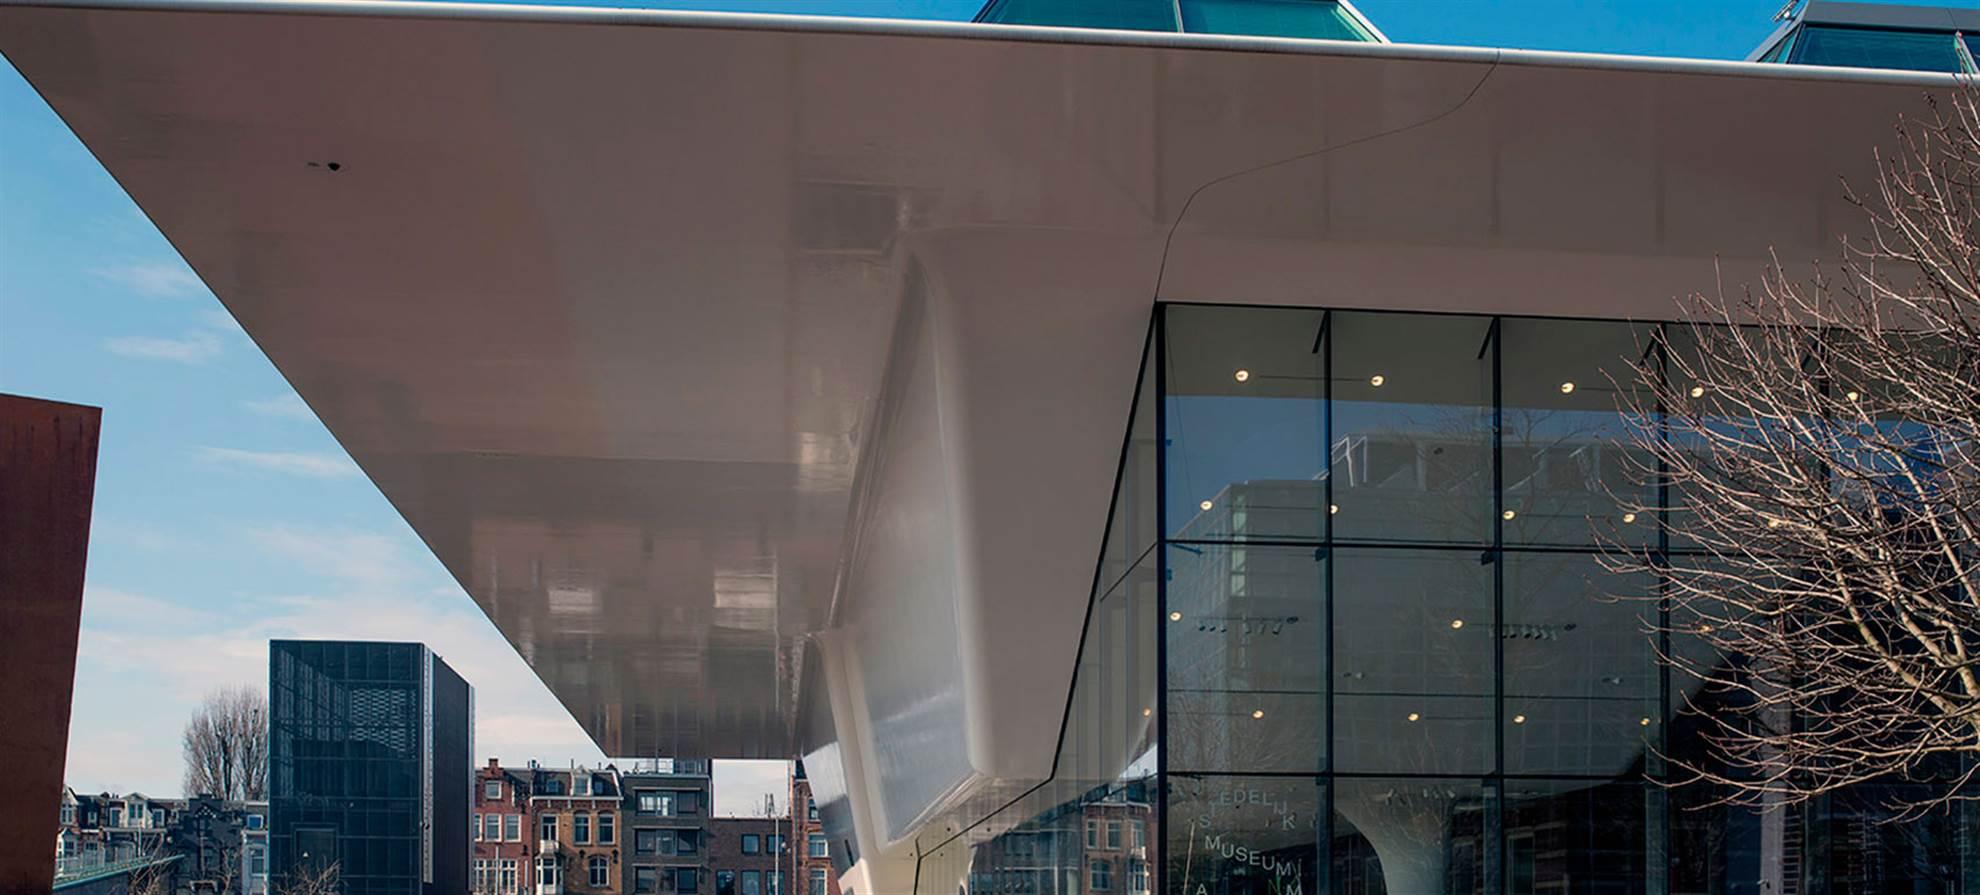 Le musée Stedelijk